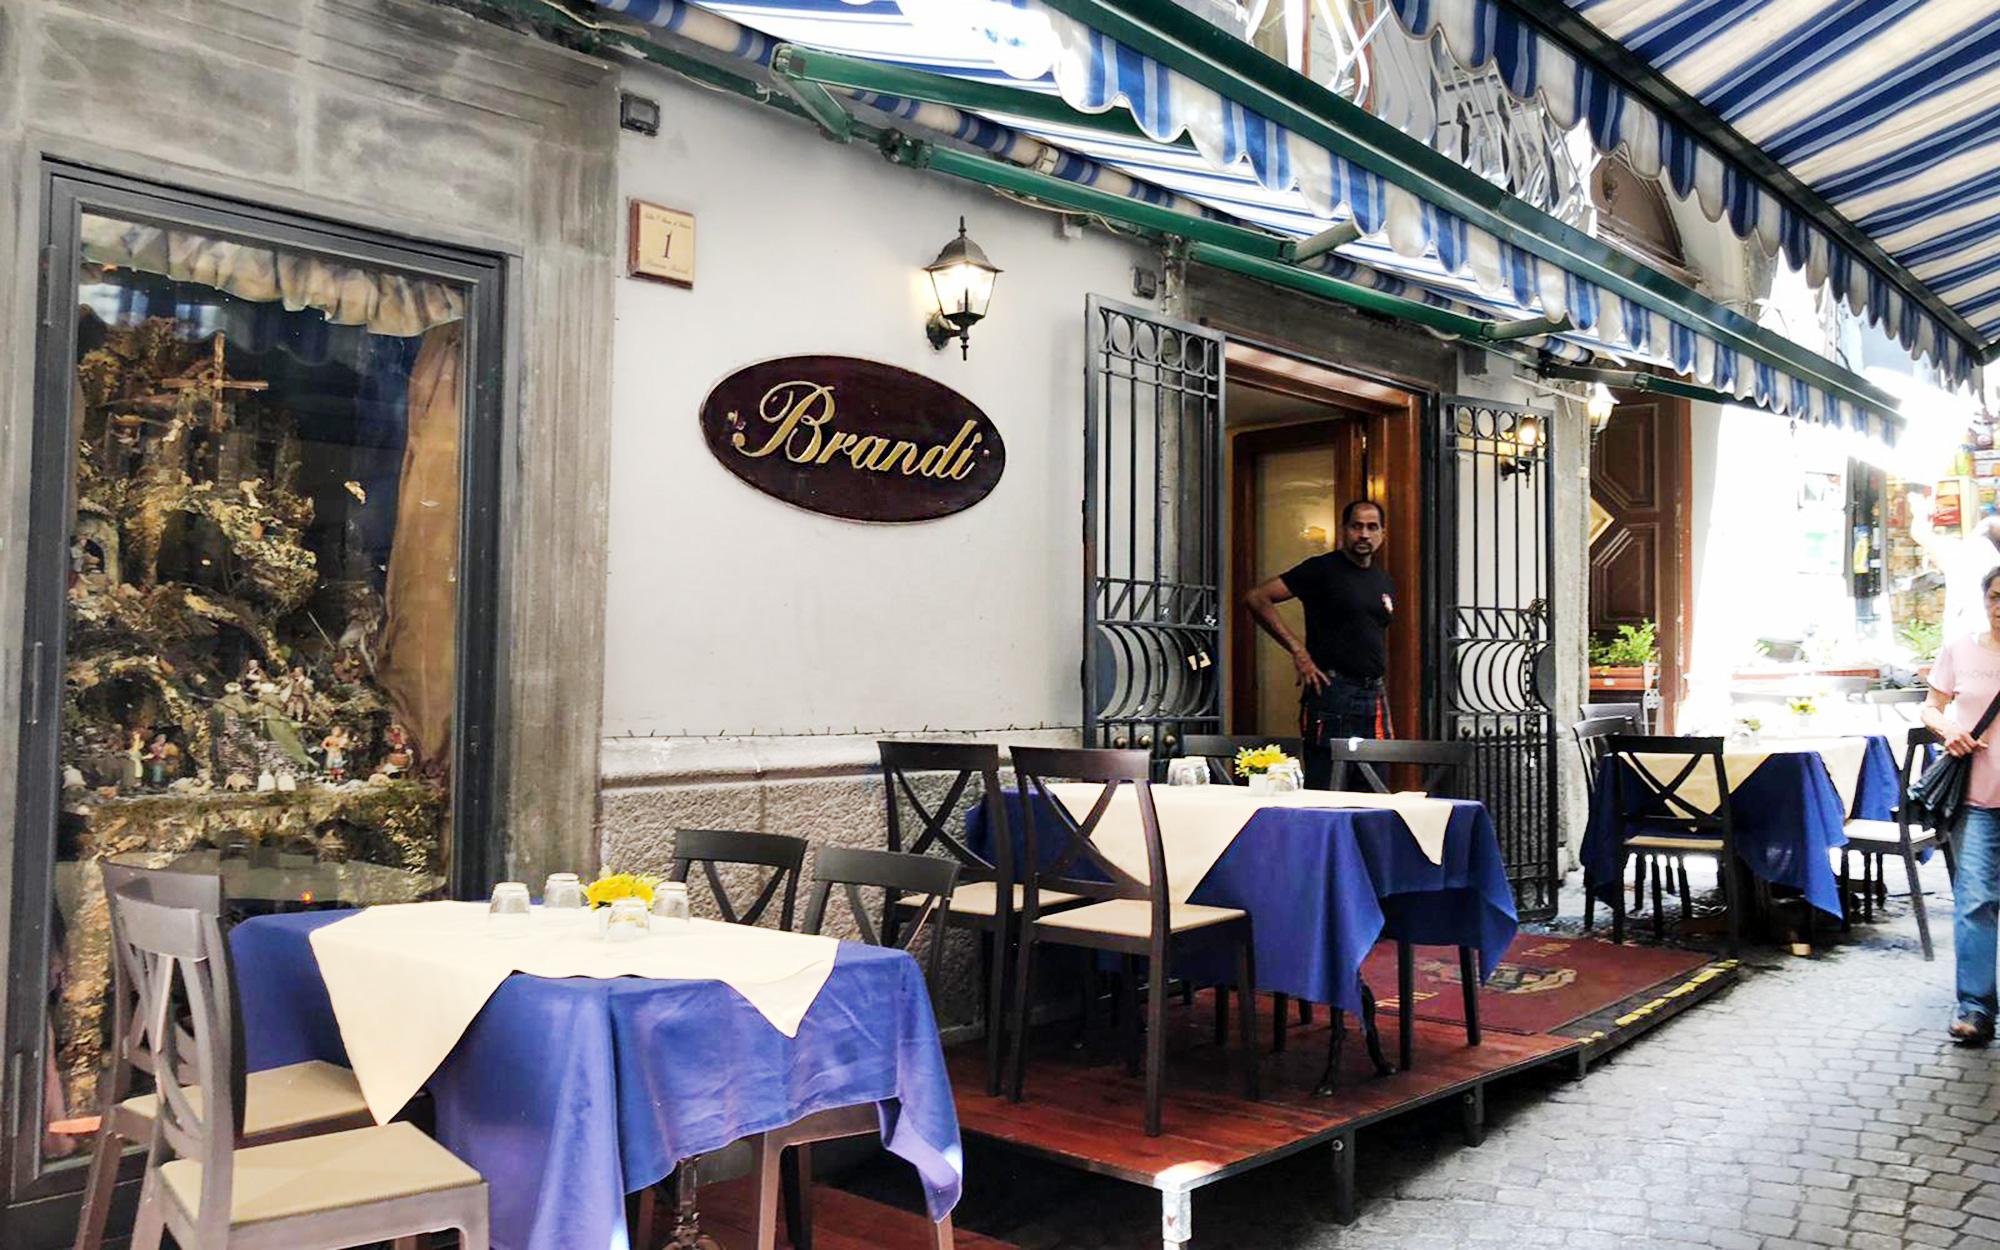 Pizzeria Brandi  (Foto: Uwe Krist)